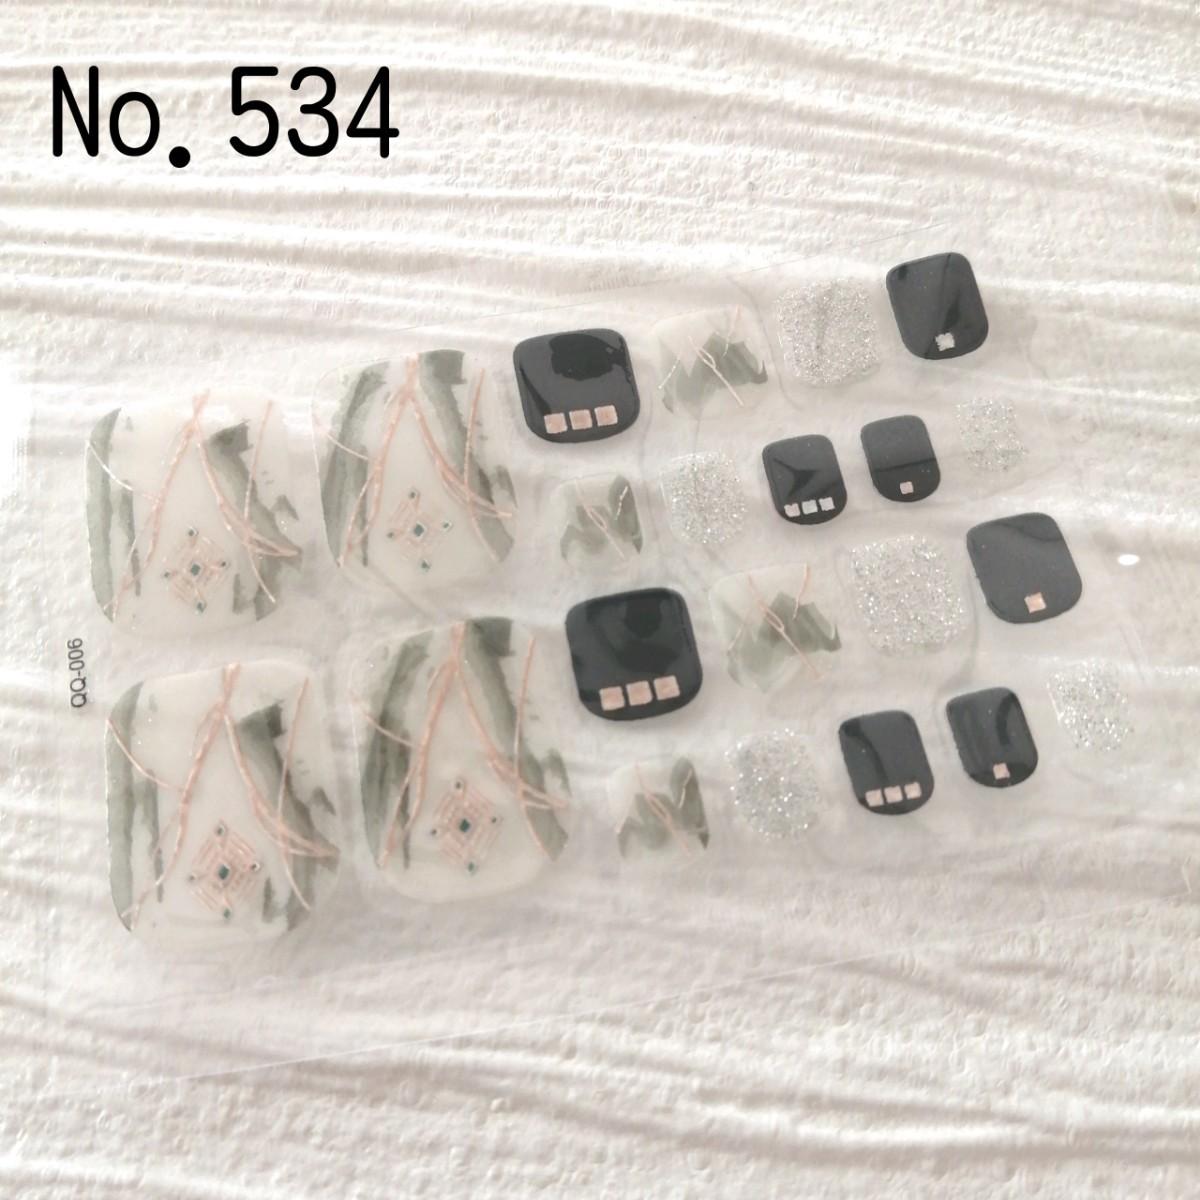 ネイルシール4枚セット516 グリーン 緑 ラメ ストーン風 簡単ジェルネイル風 フットシール